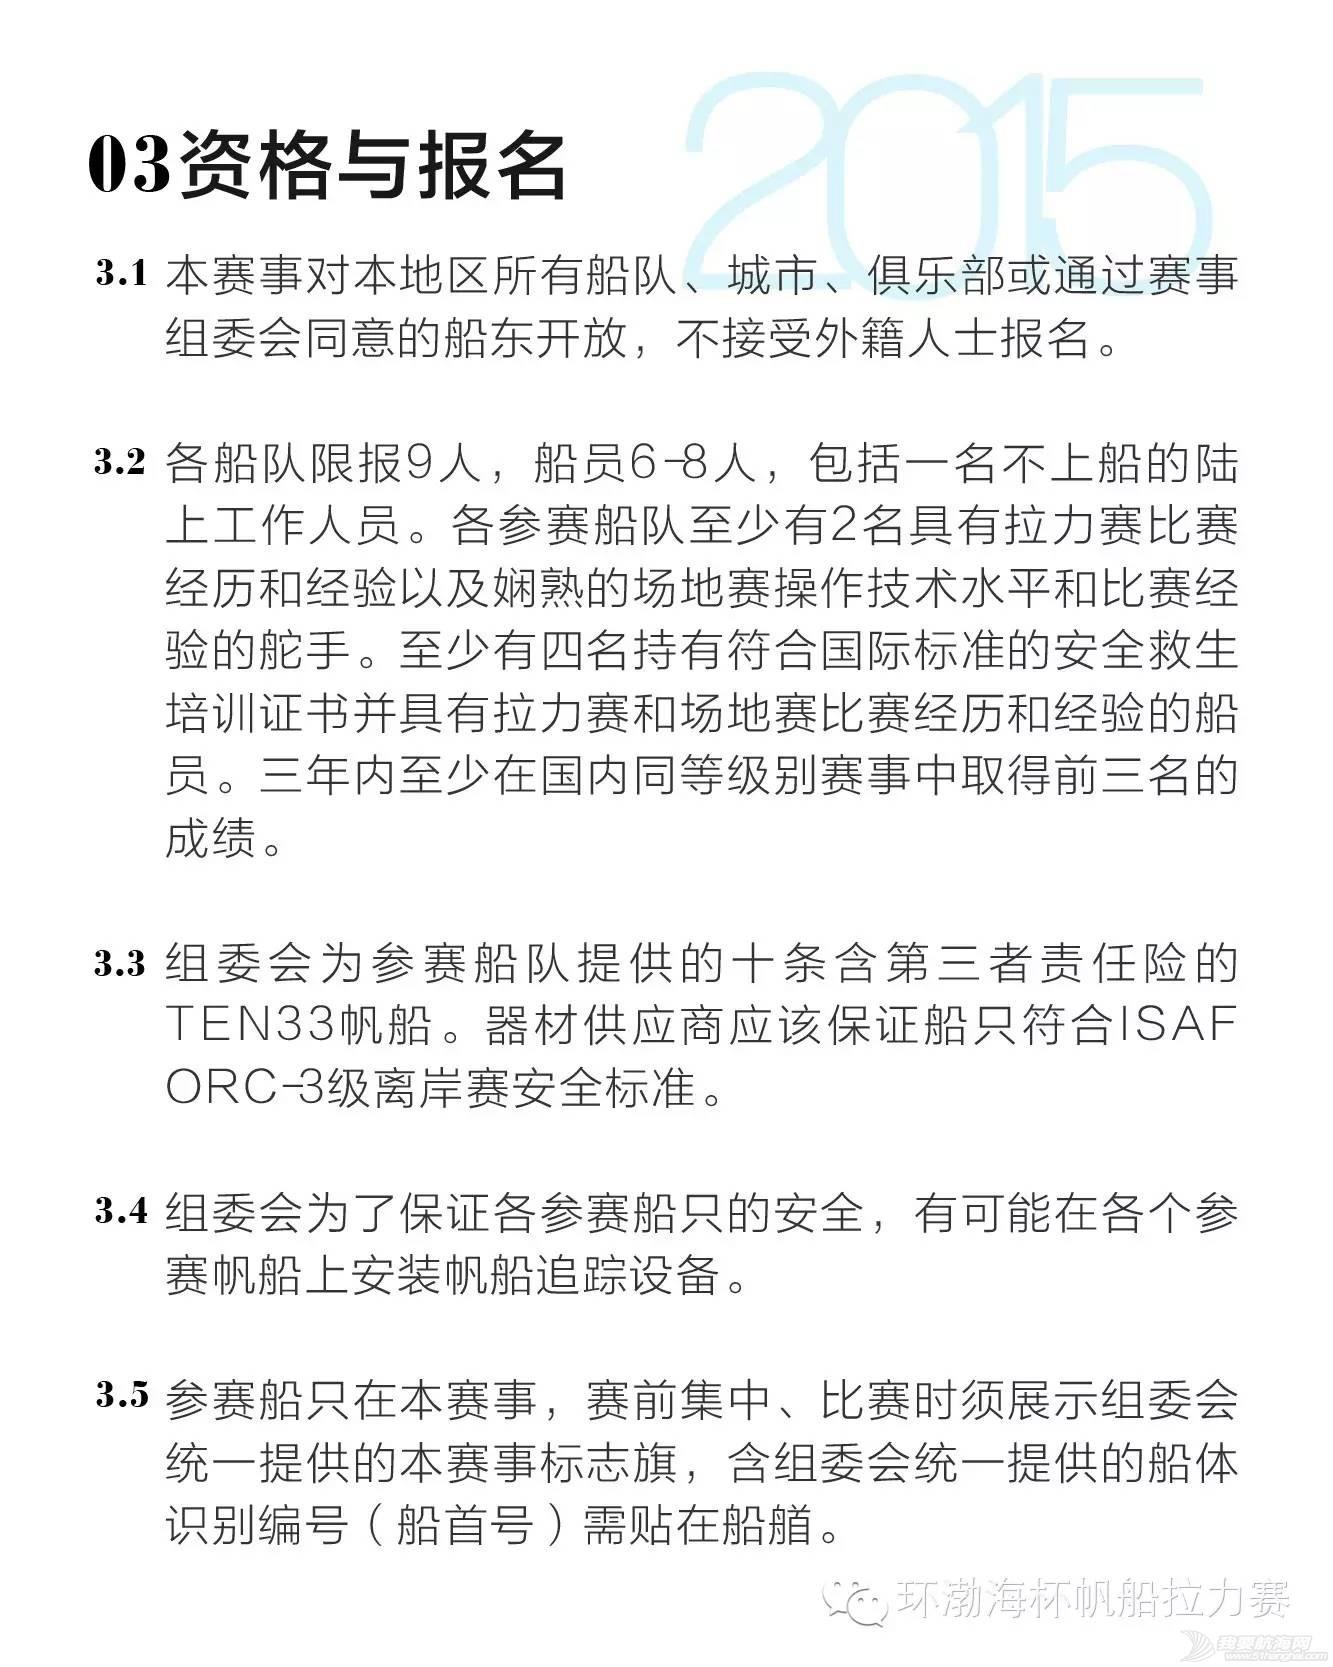 拉力赛,中国,渤海,帆船 2015中国环渤海帆船拉力赛竞赛通知 ba66a35e9c7a8538d3fe60761d0060b9.jpg